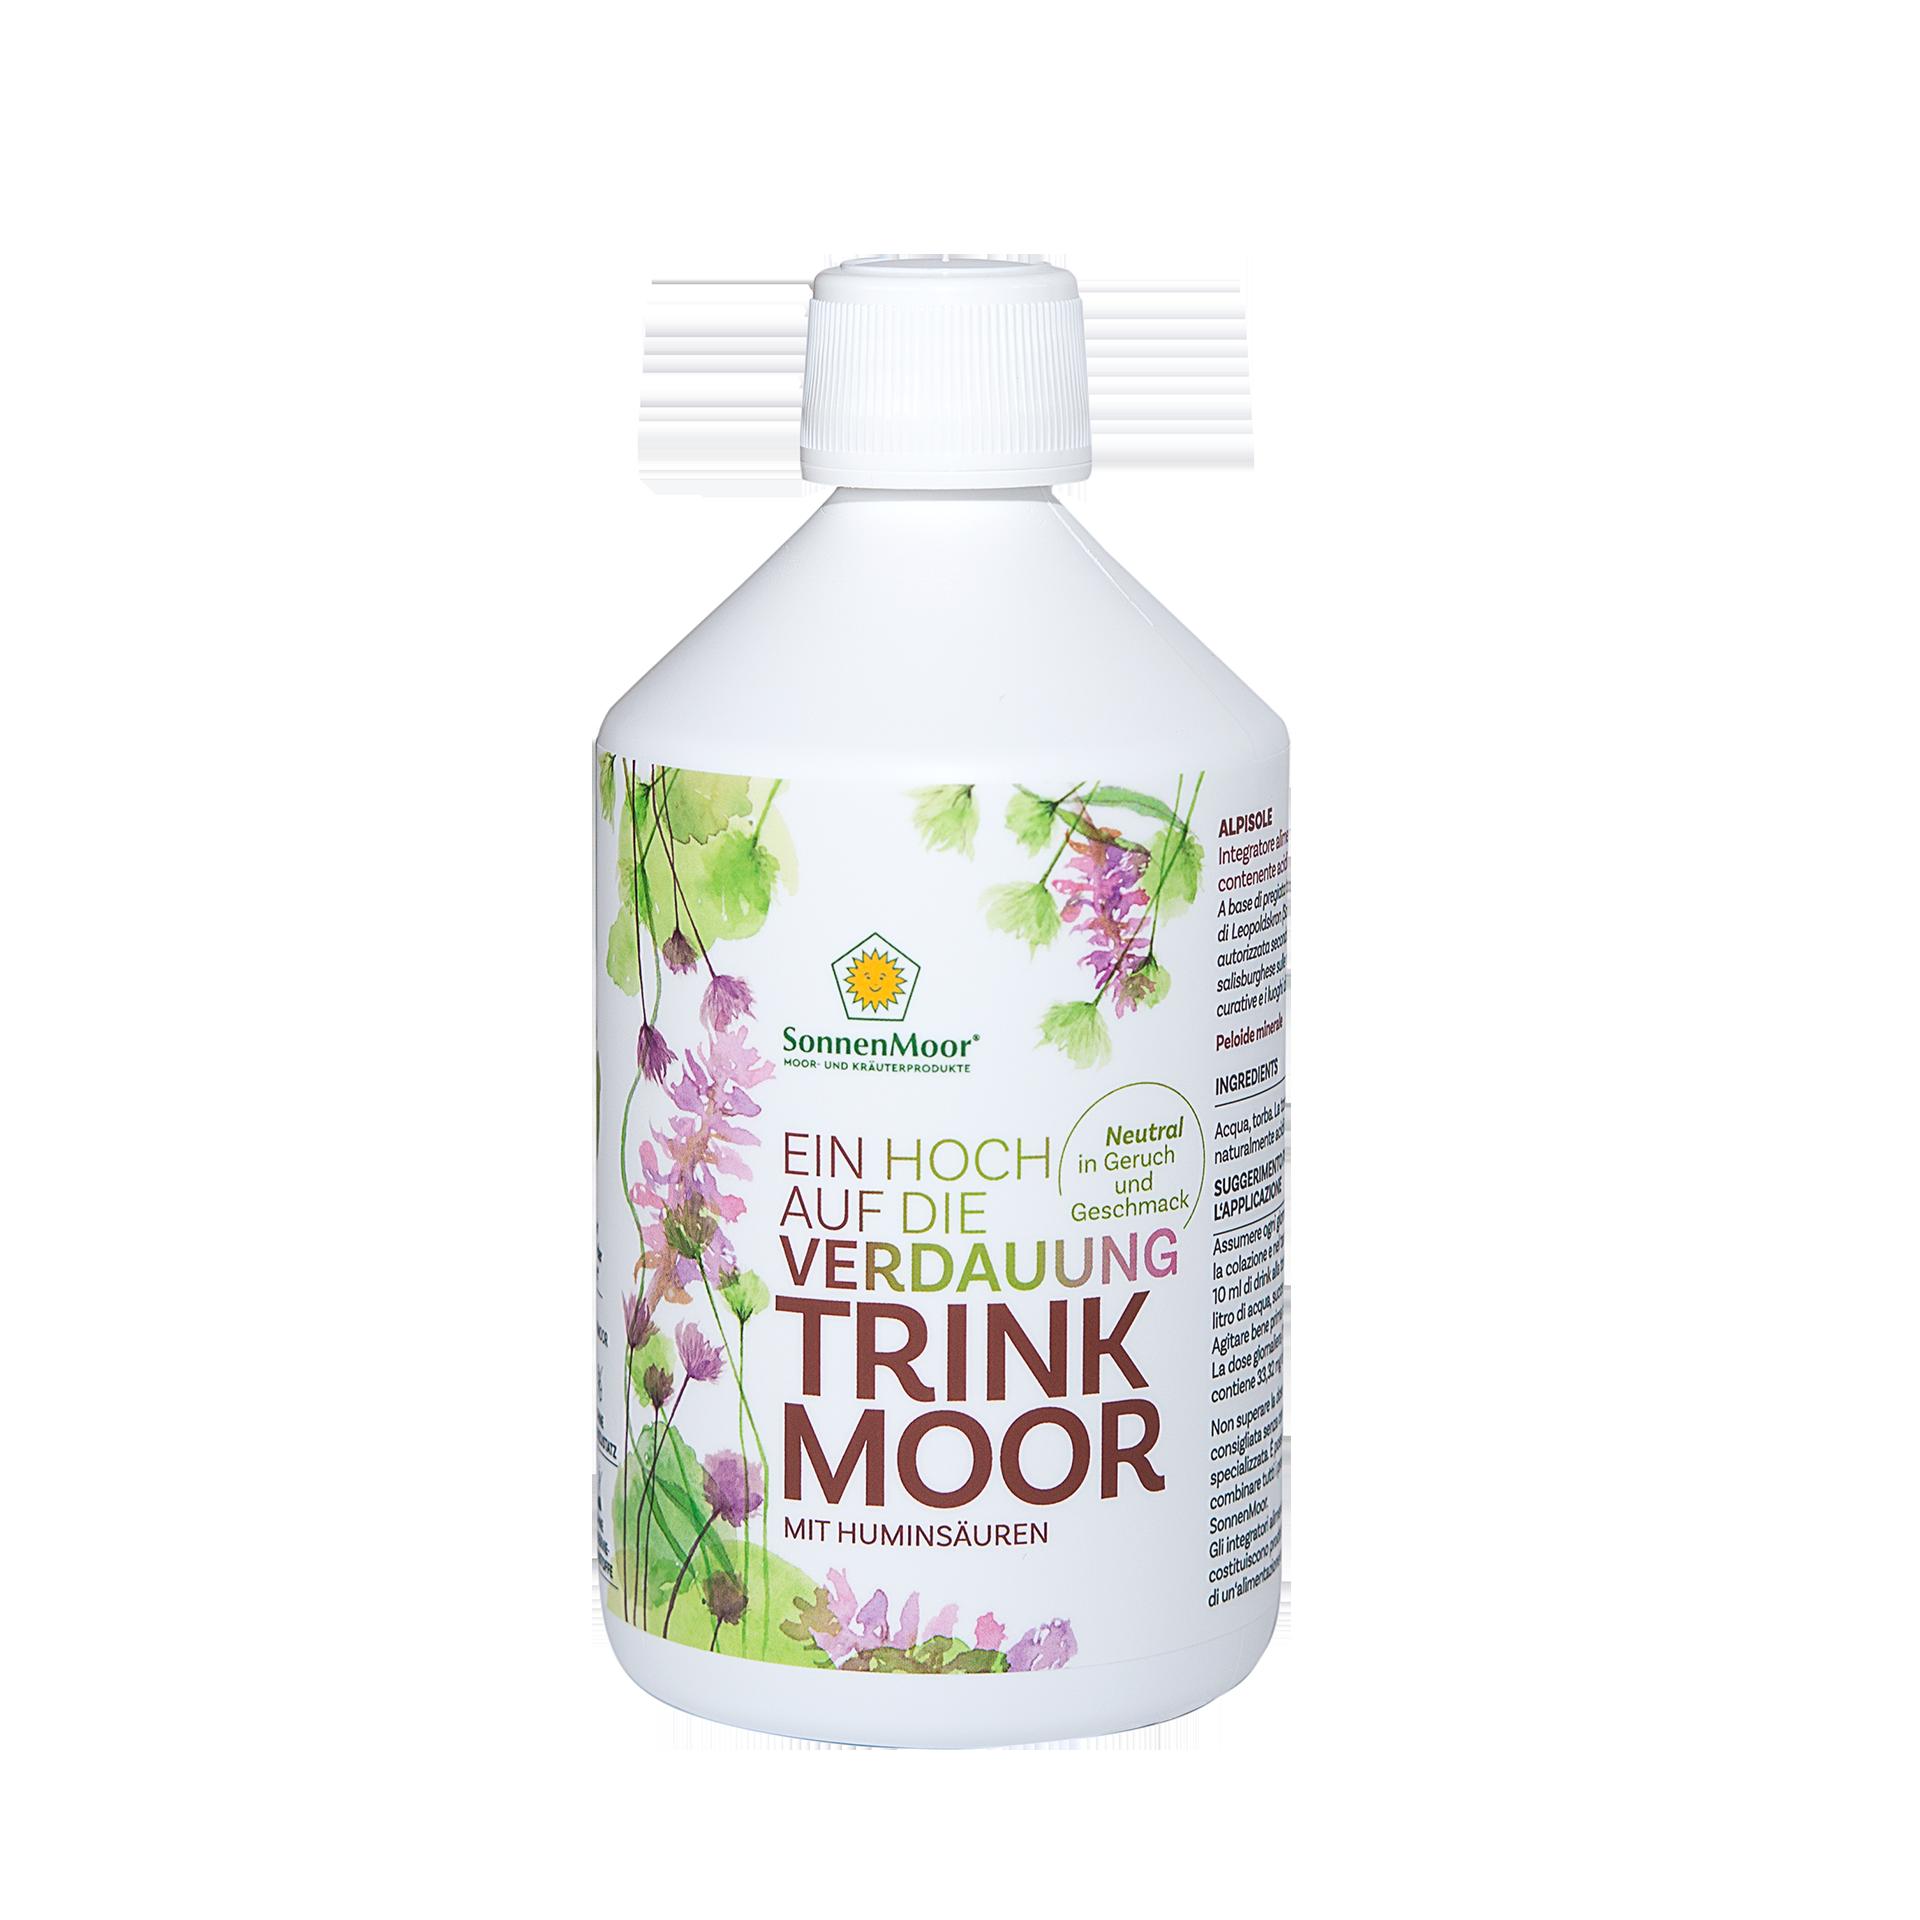 Trinkmoor, 500 ml